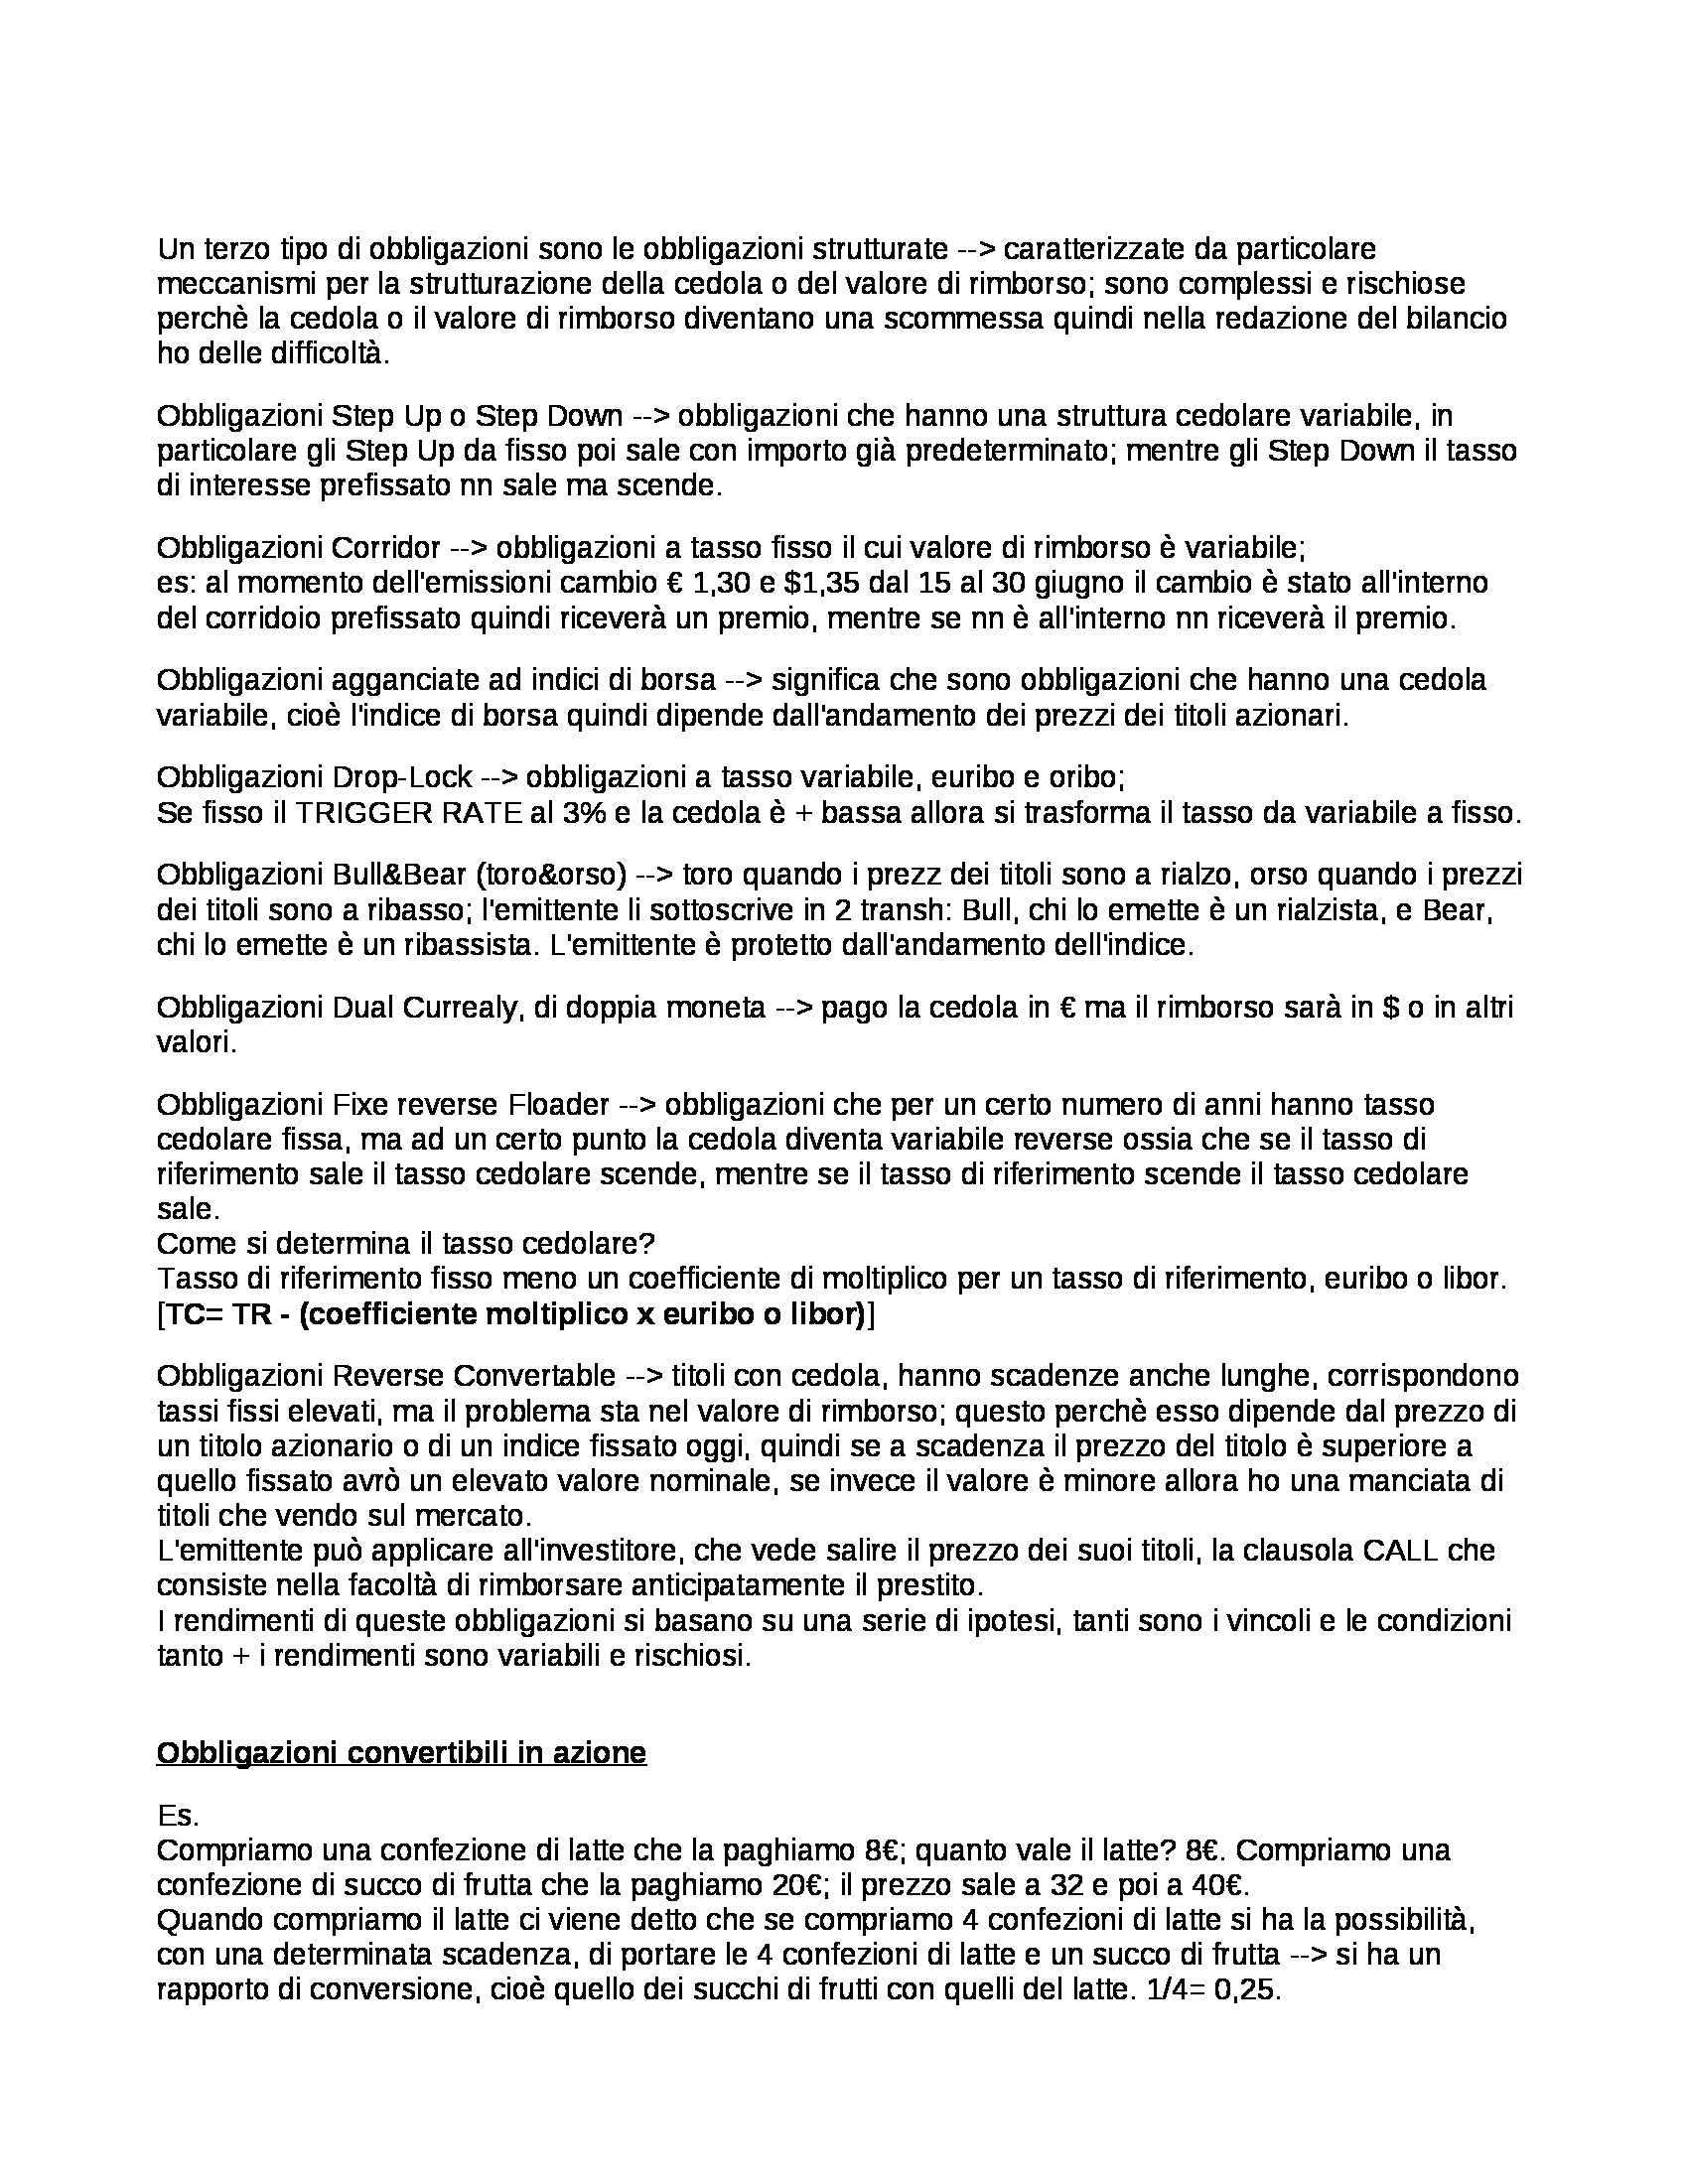 Economia degli intermediari finanziari - domande Pag. 21